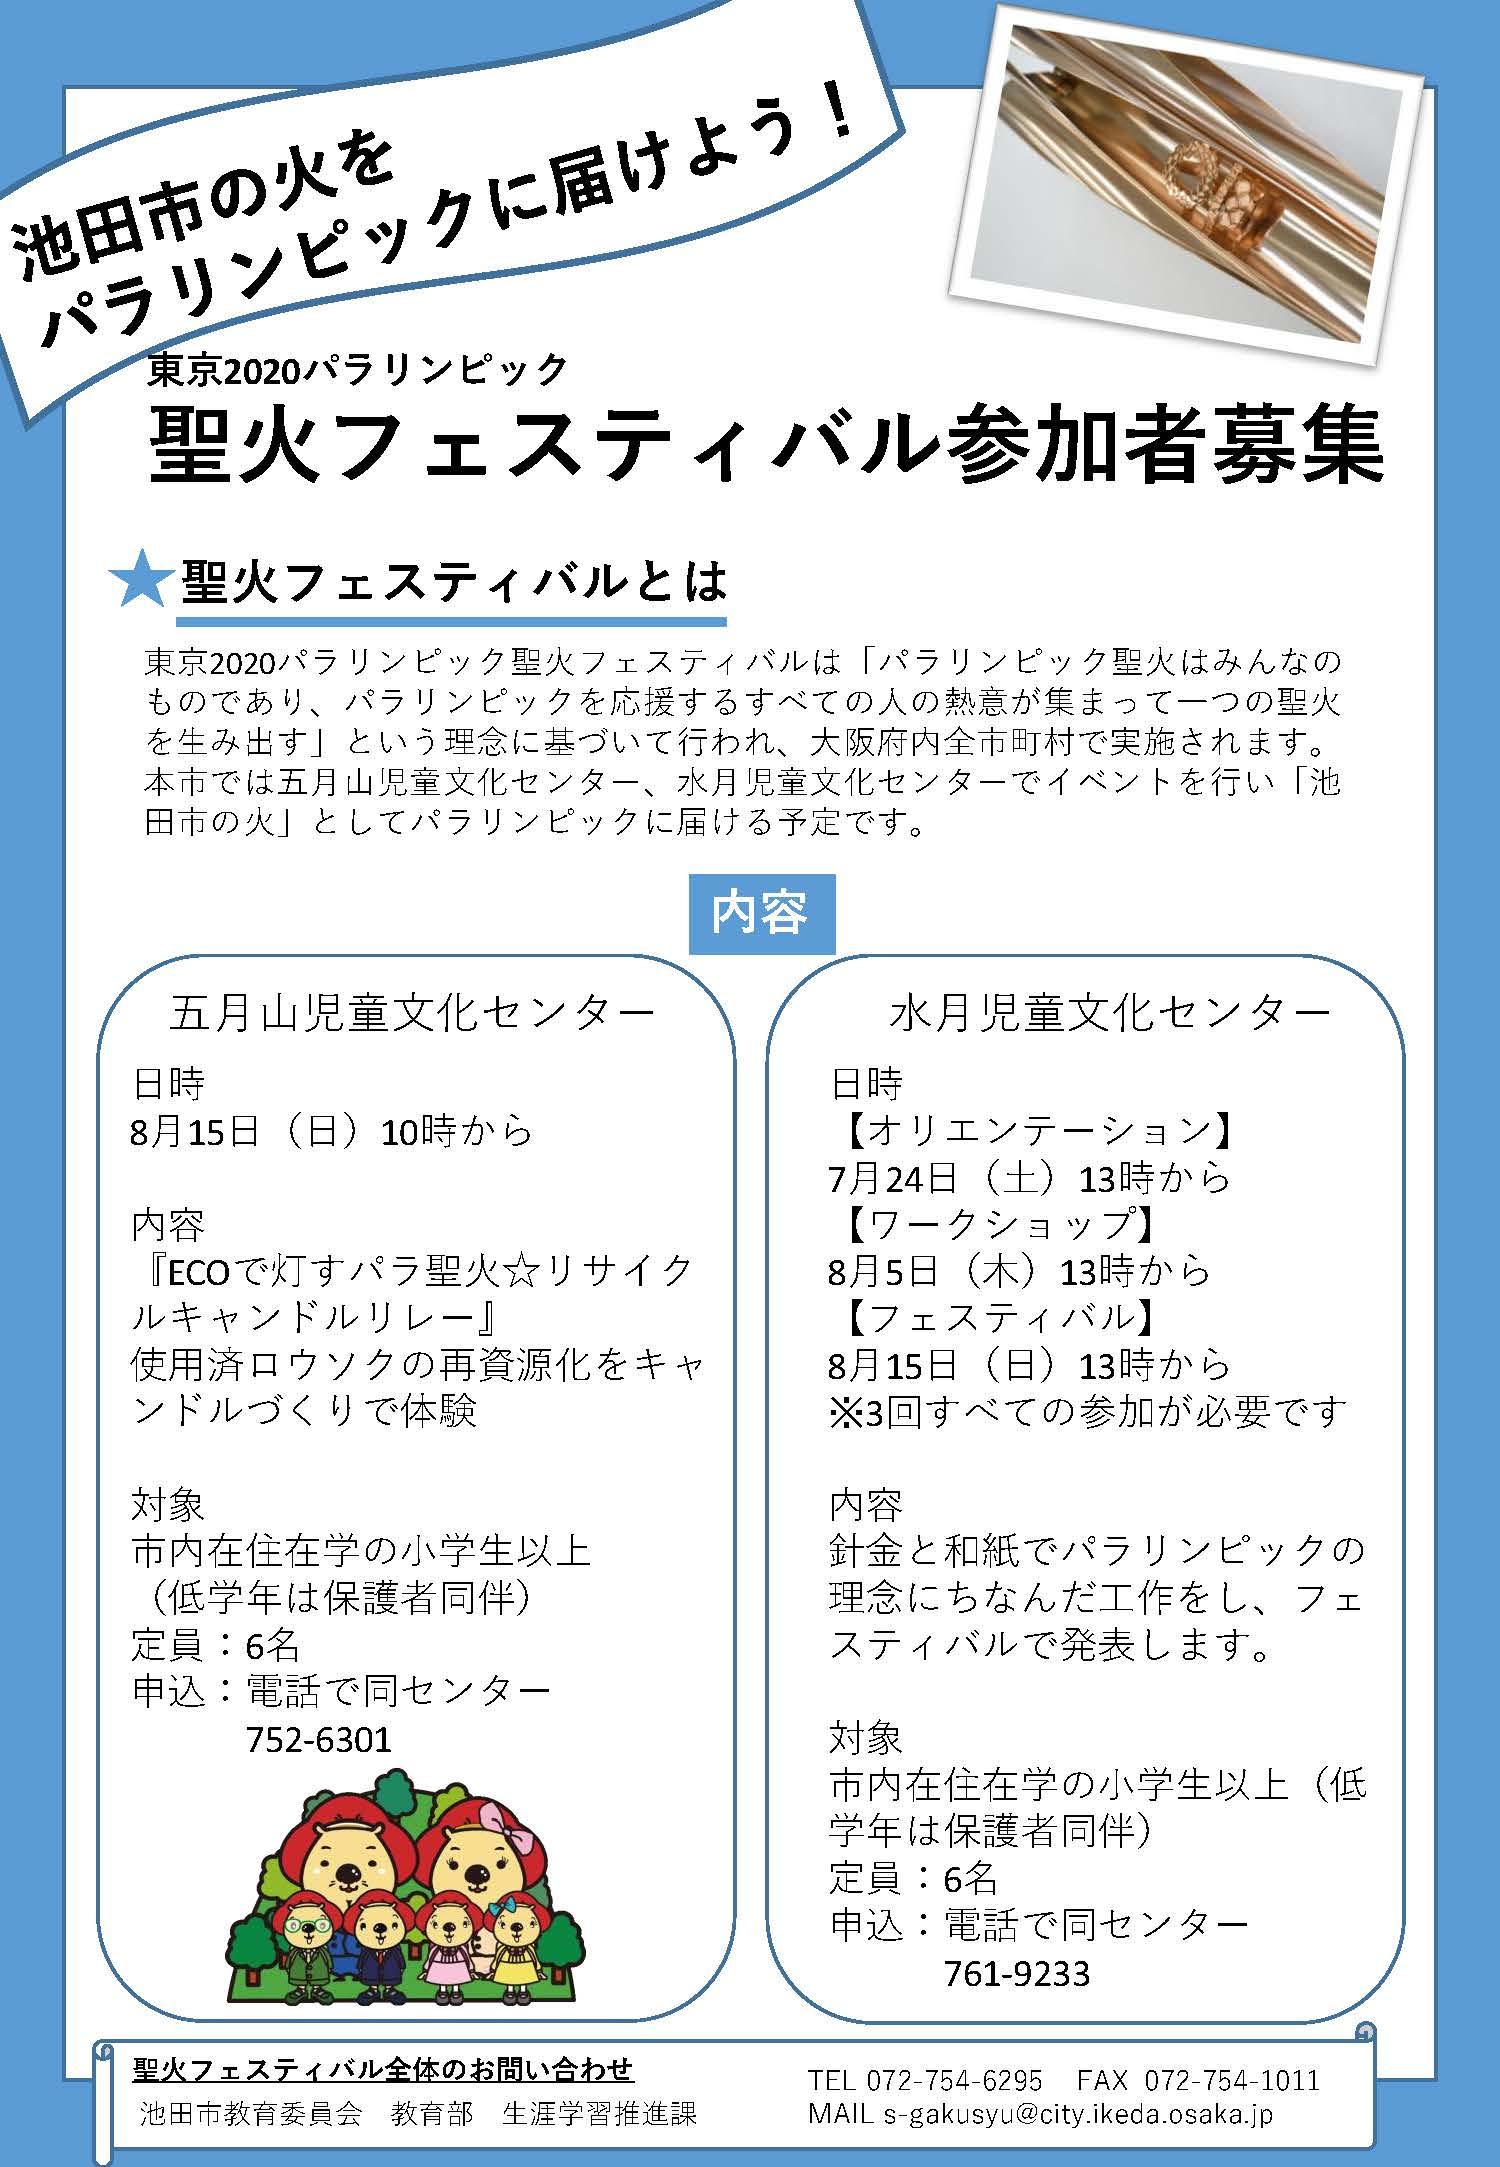 コロナ ウイルス 市 池田 中小・小規模事業者向け 新型コロナウイルス関連